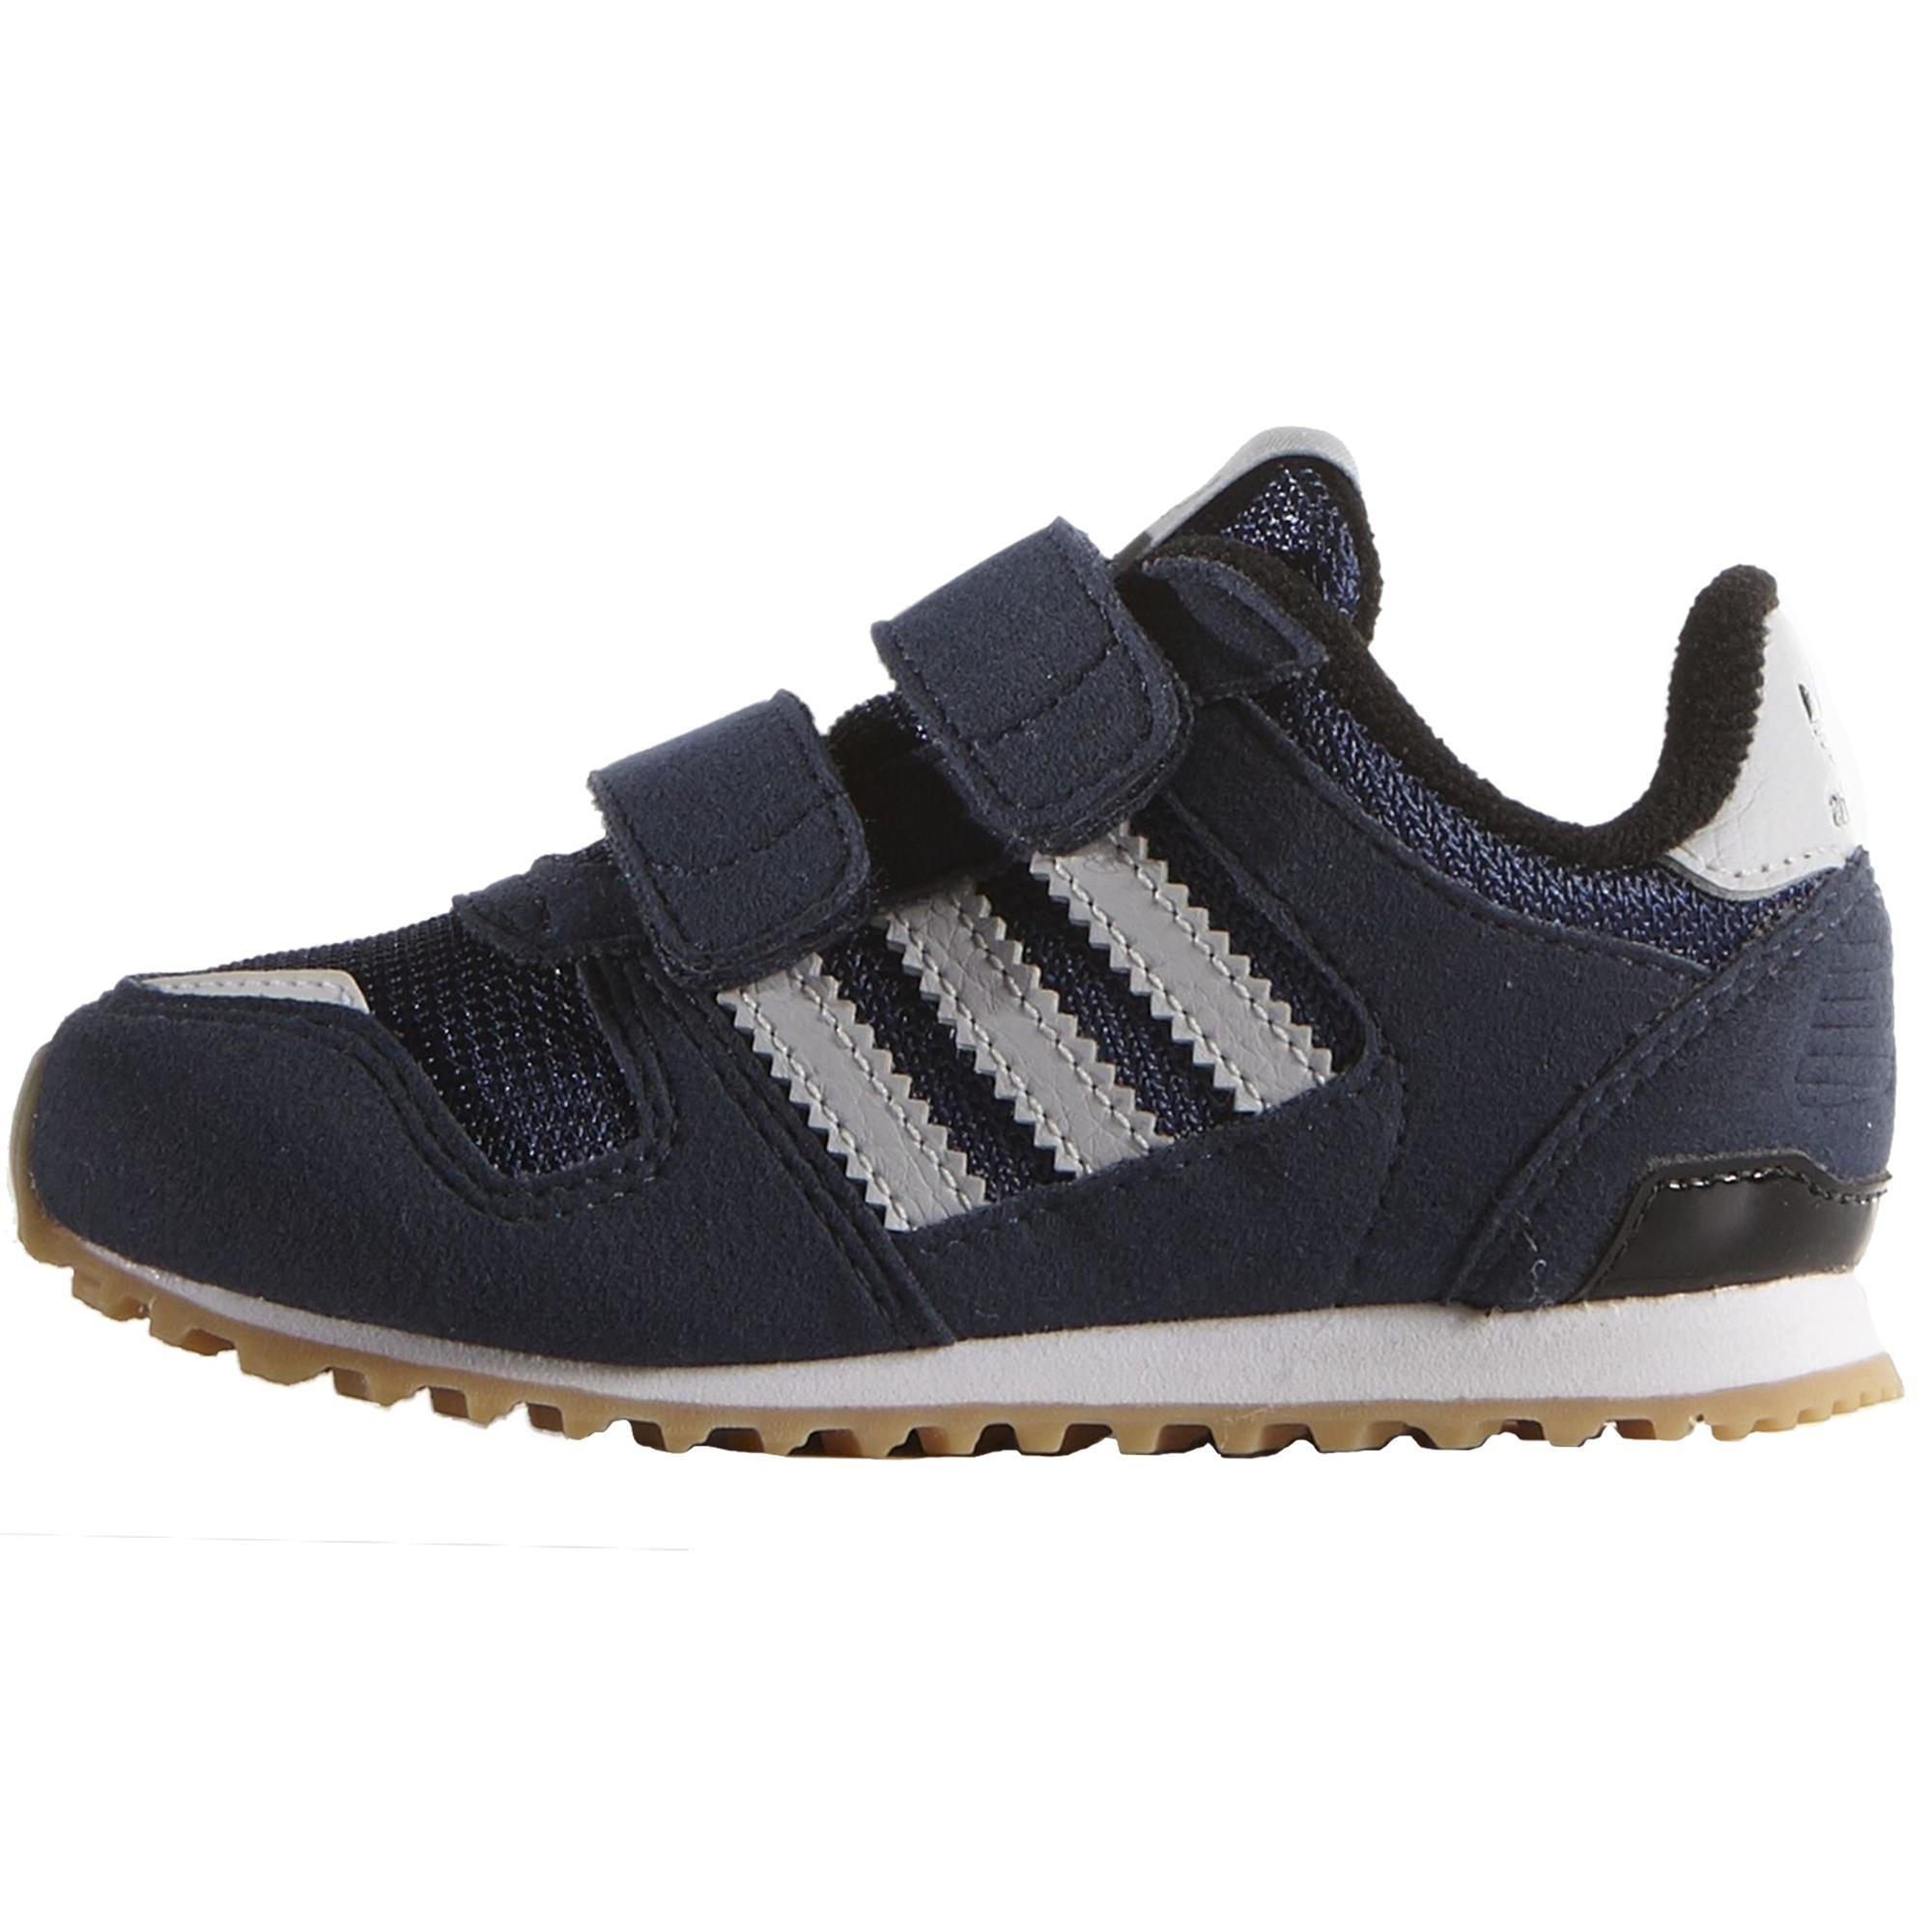 adidas J Zx 700 Cf I Çocuk Spor Ayakkabı